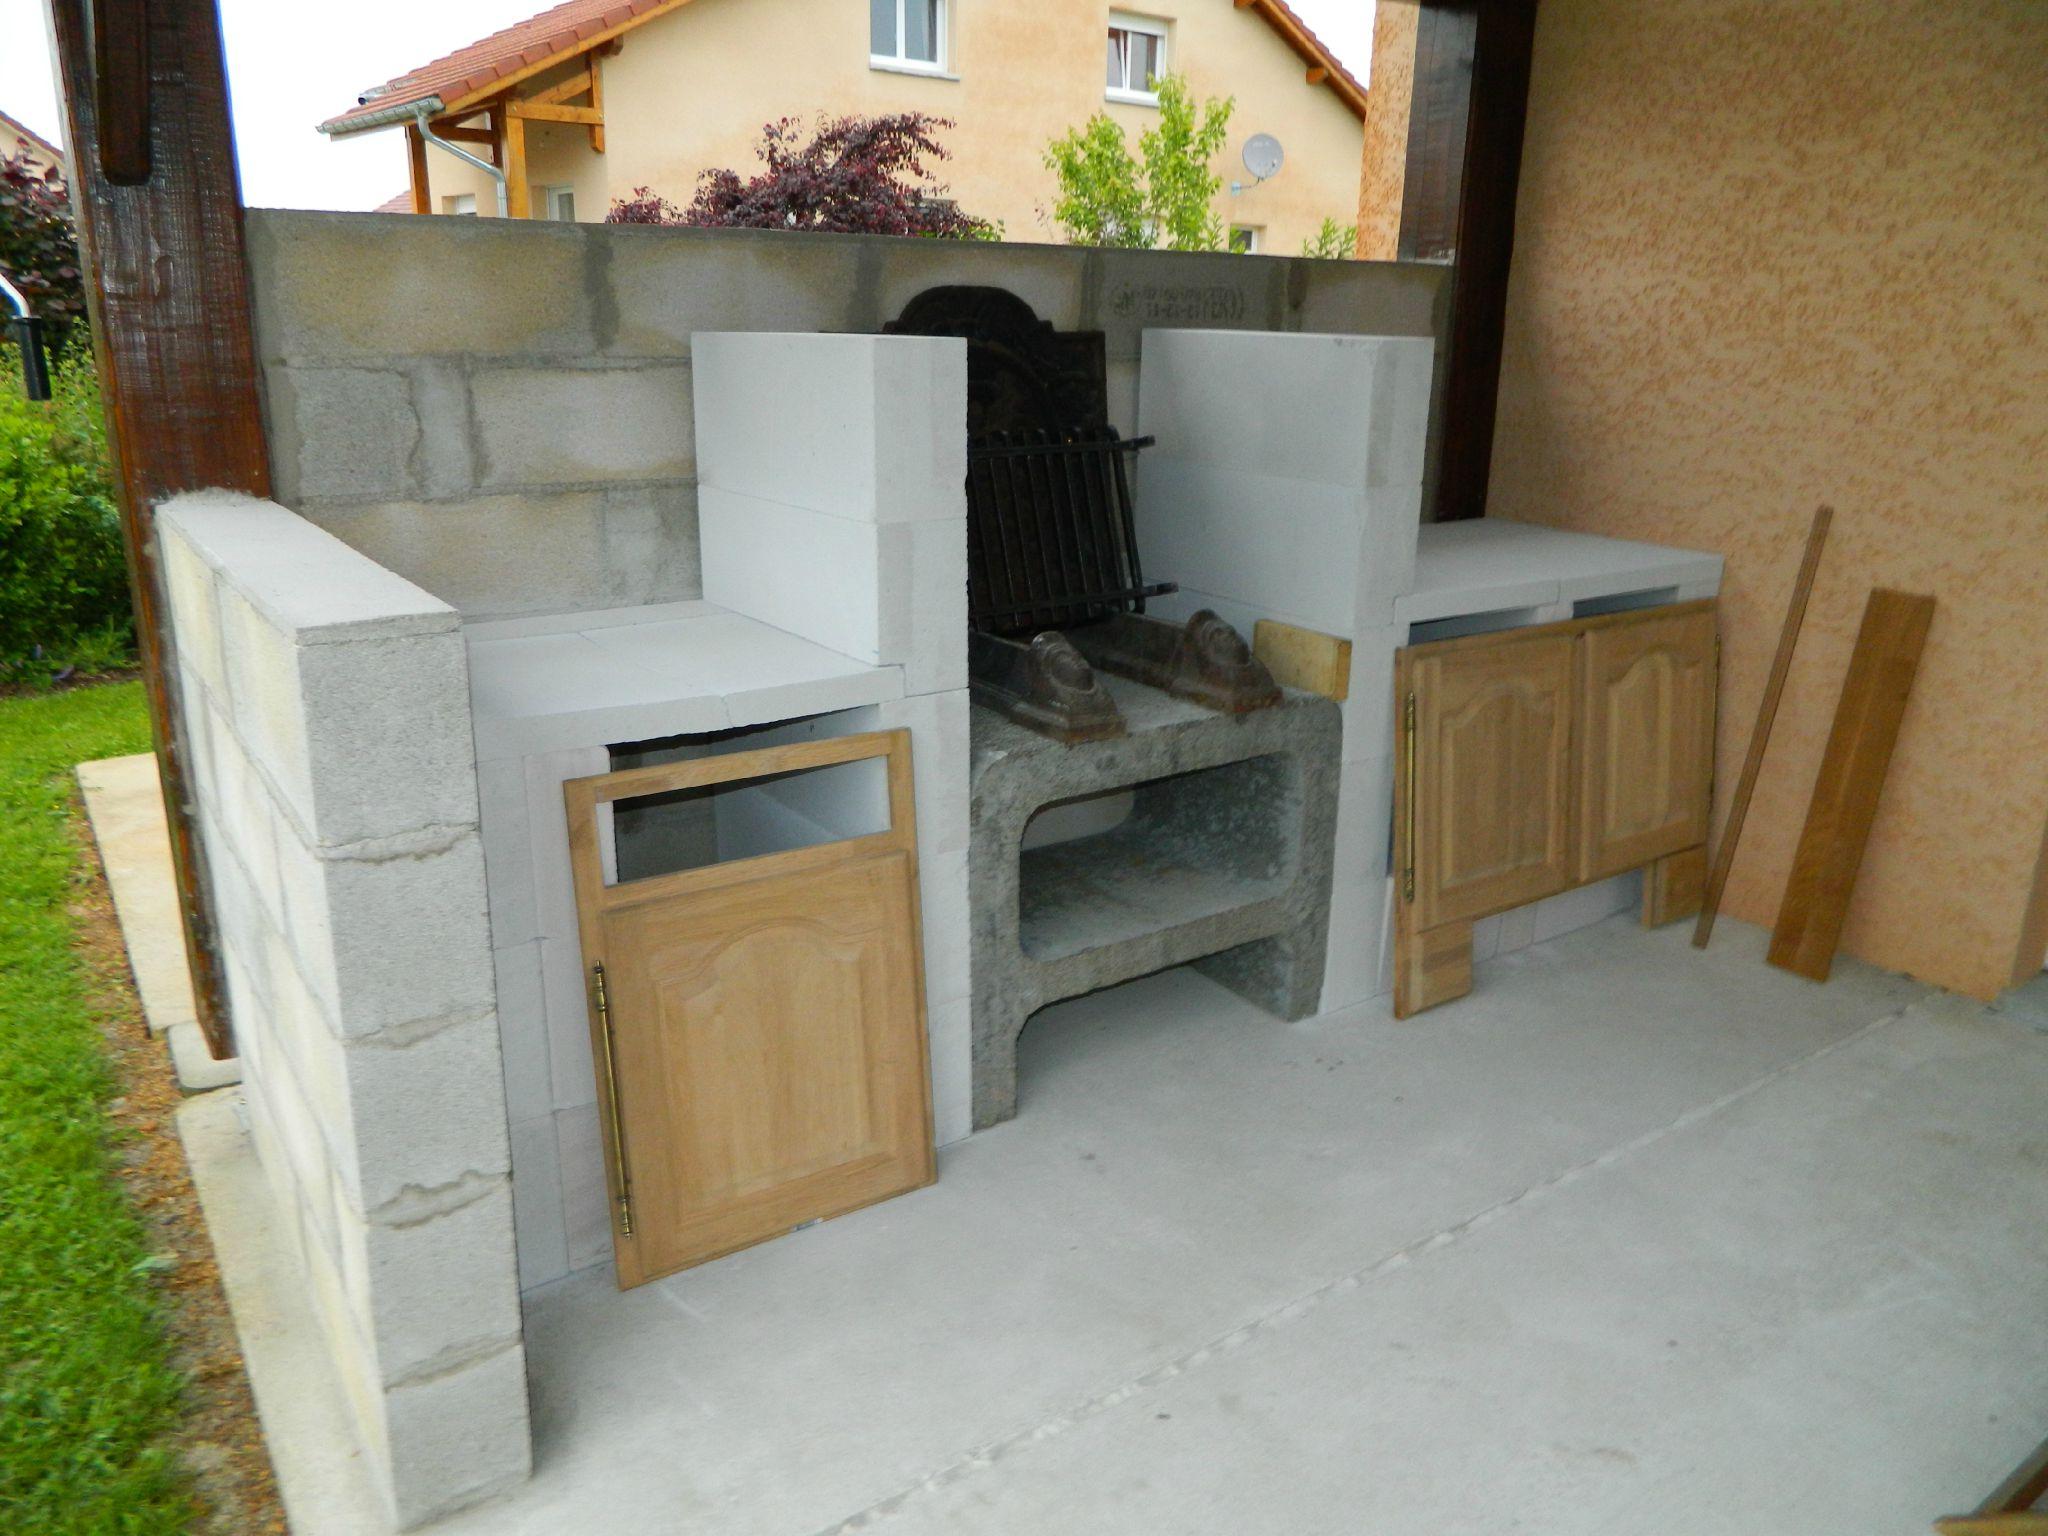 Les Compartiments En Siporex - El Matos Constructions Et ... pour Abri De Jardin En Beton Cellulaire